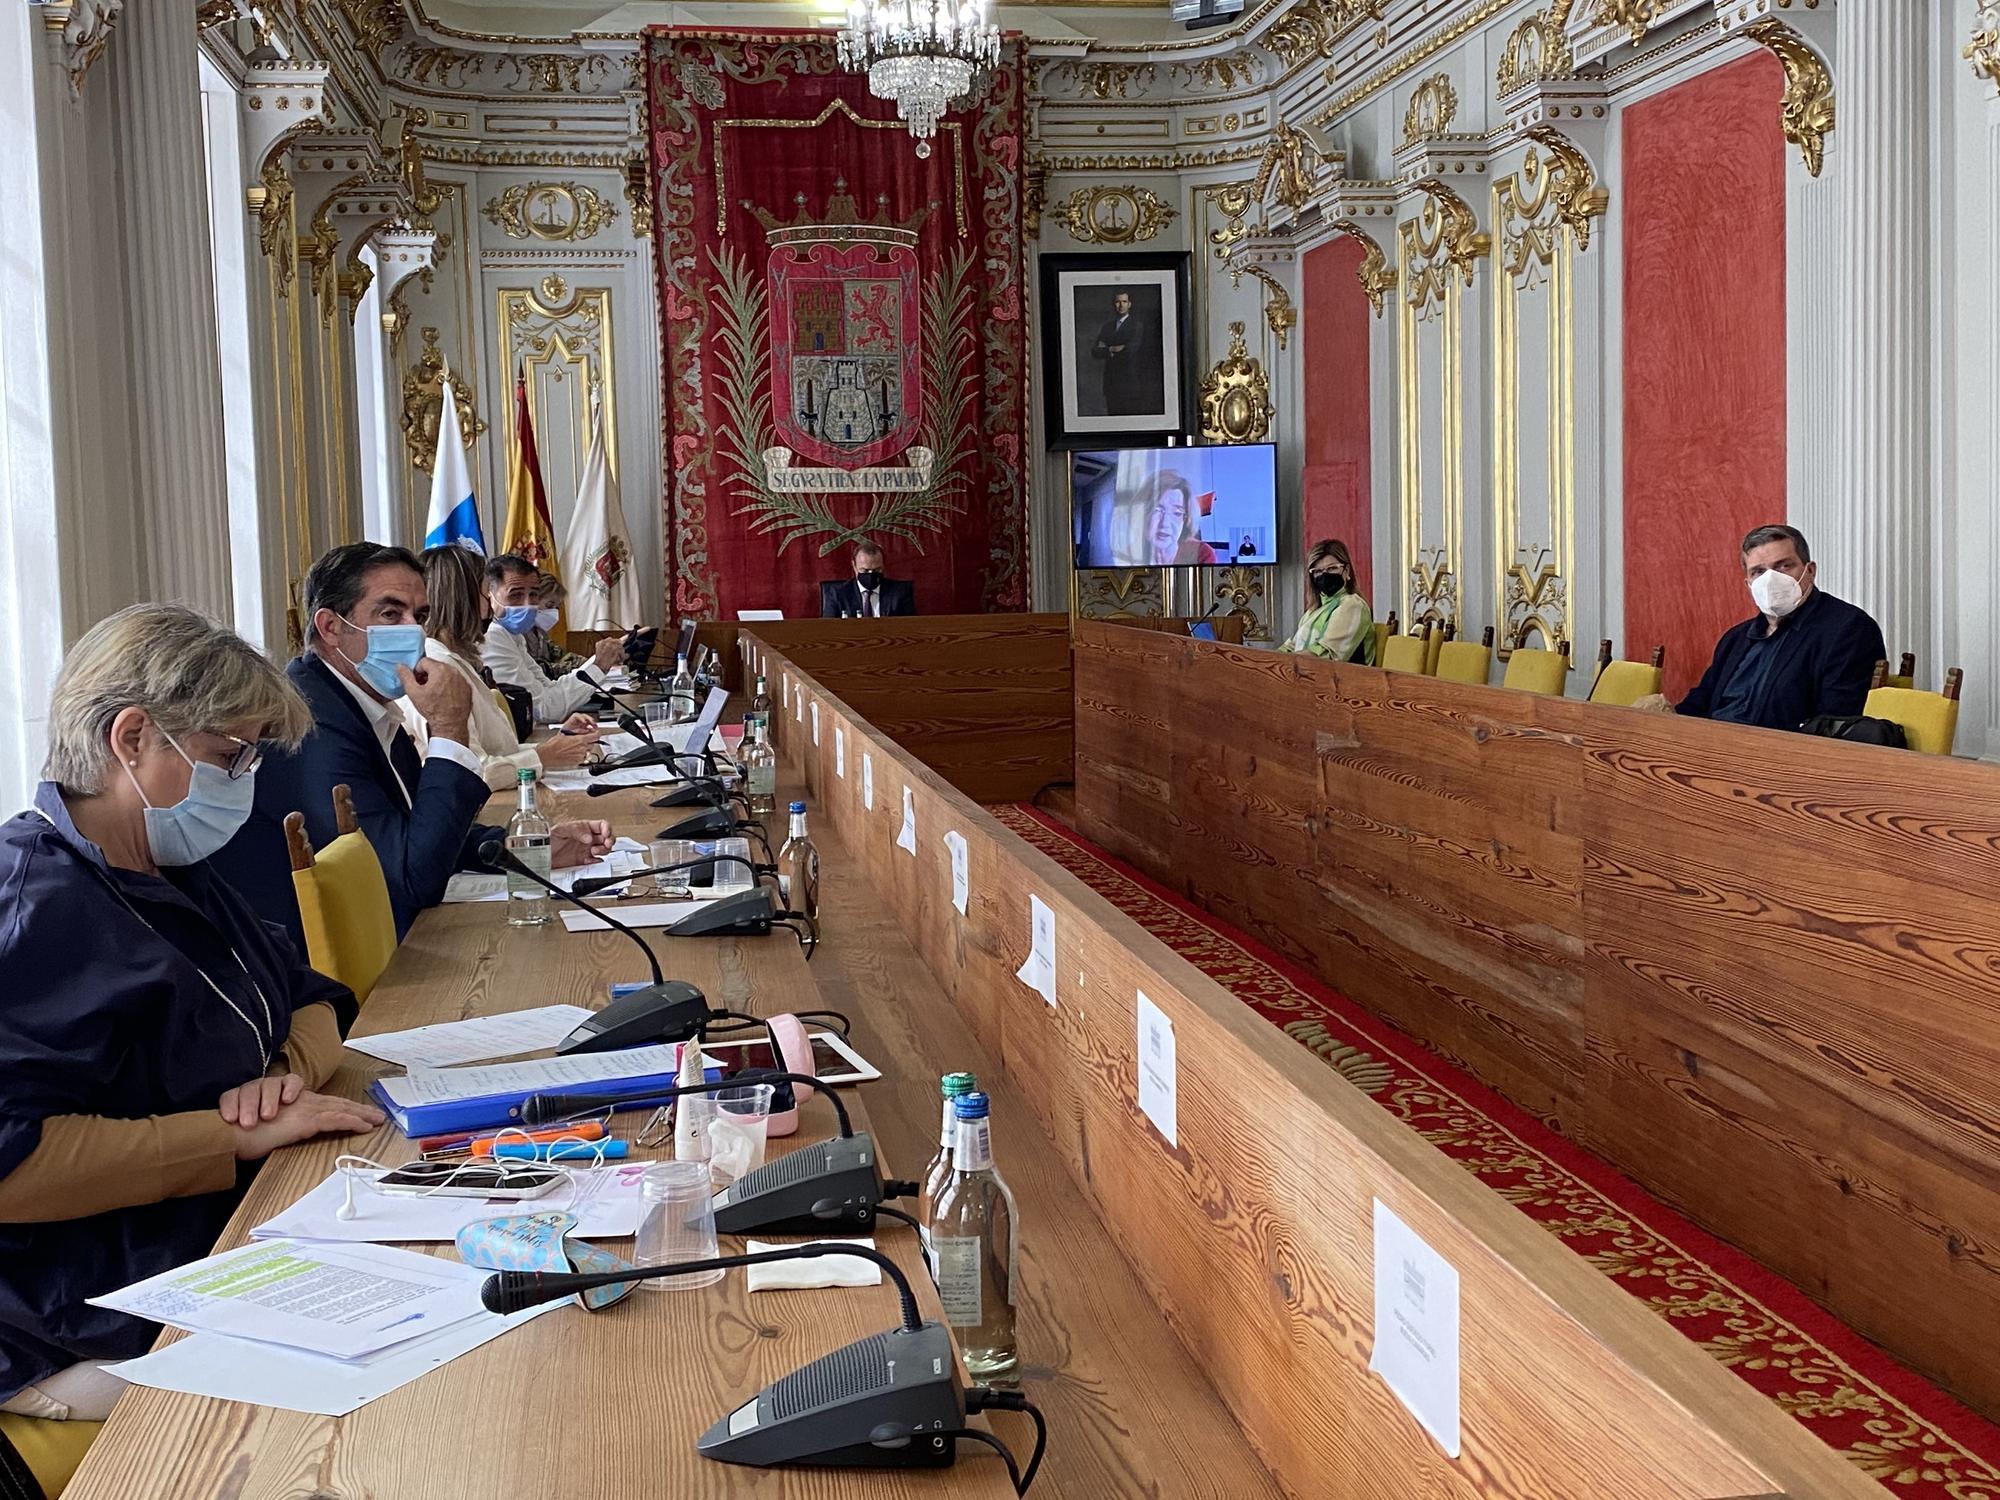 Pleno del Ayuntamiento de Las Palmas de Gran Canaria (26/03/2021)